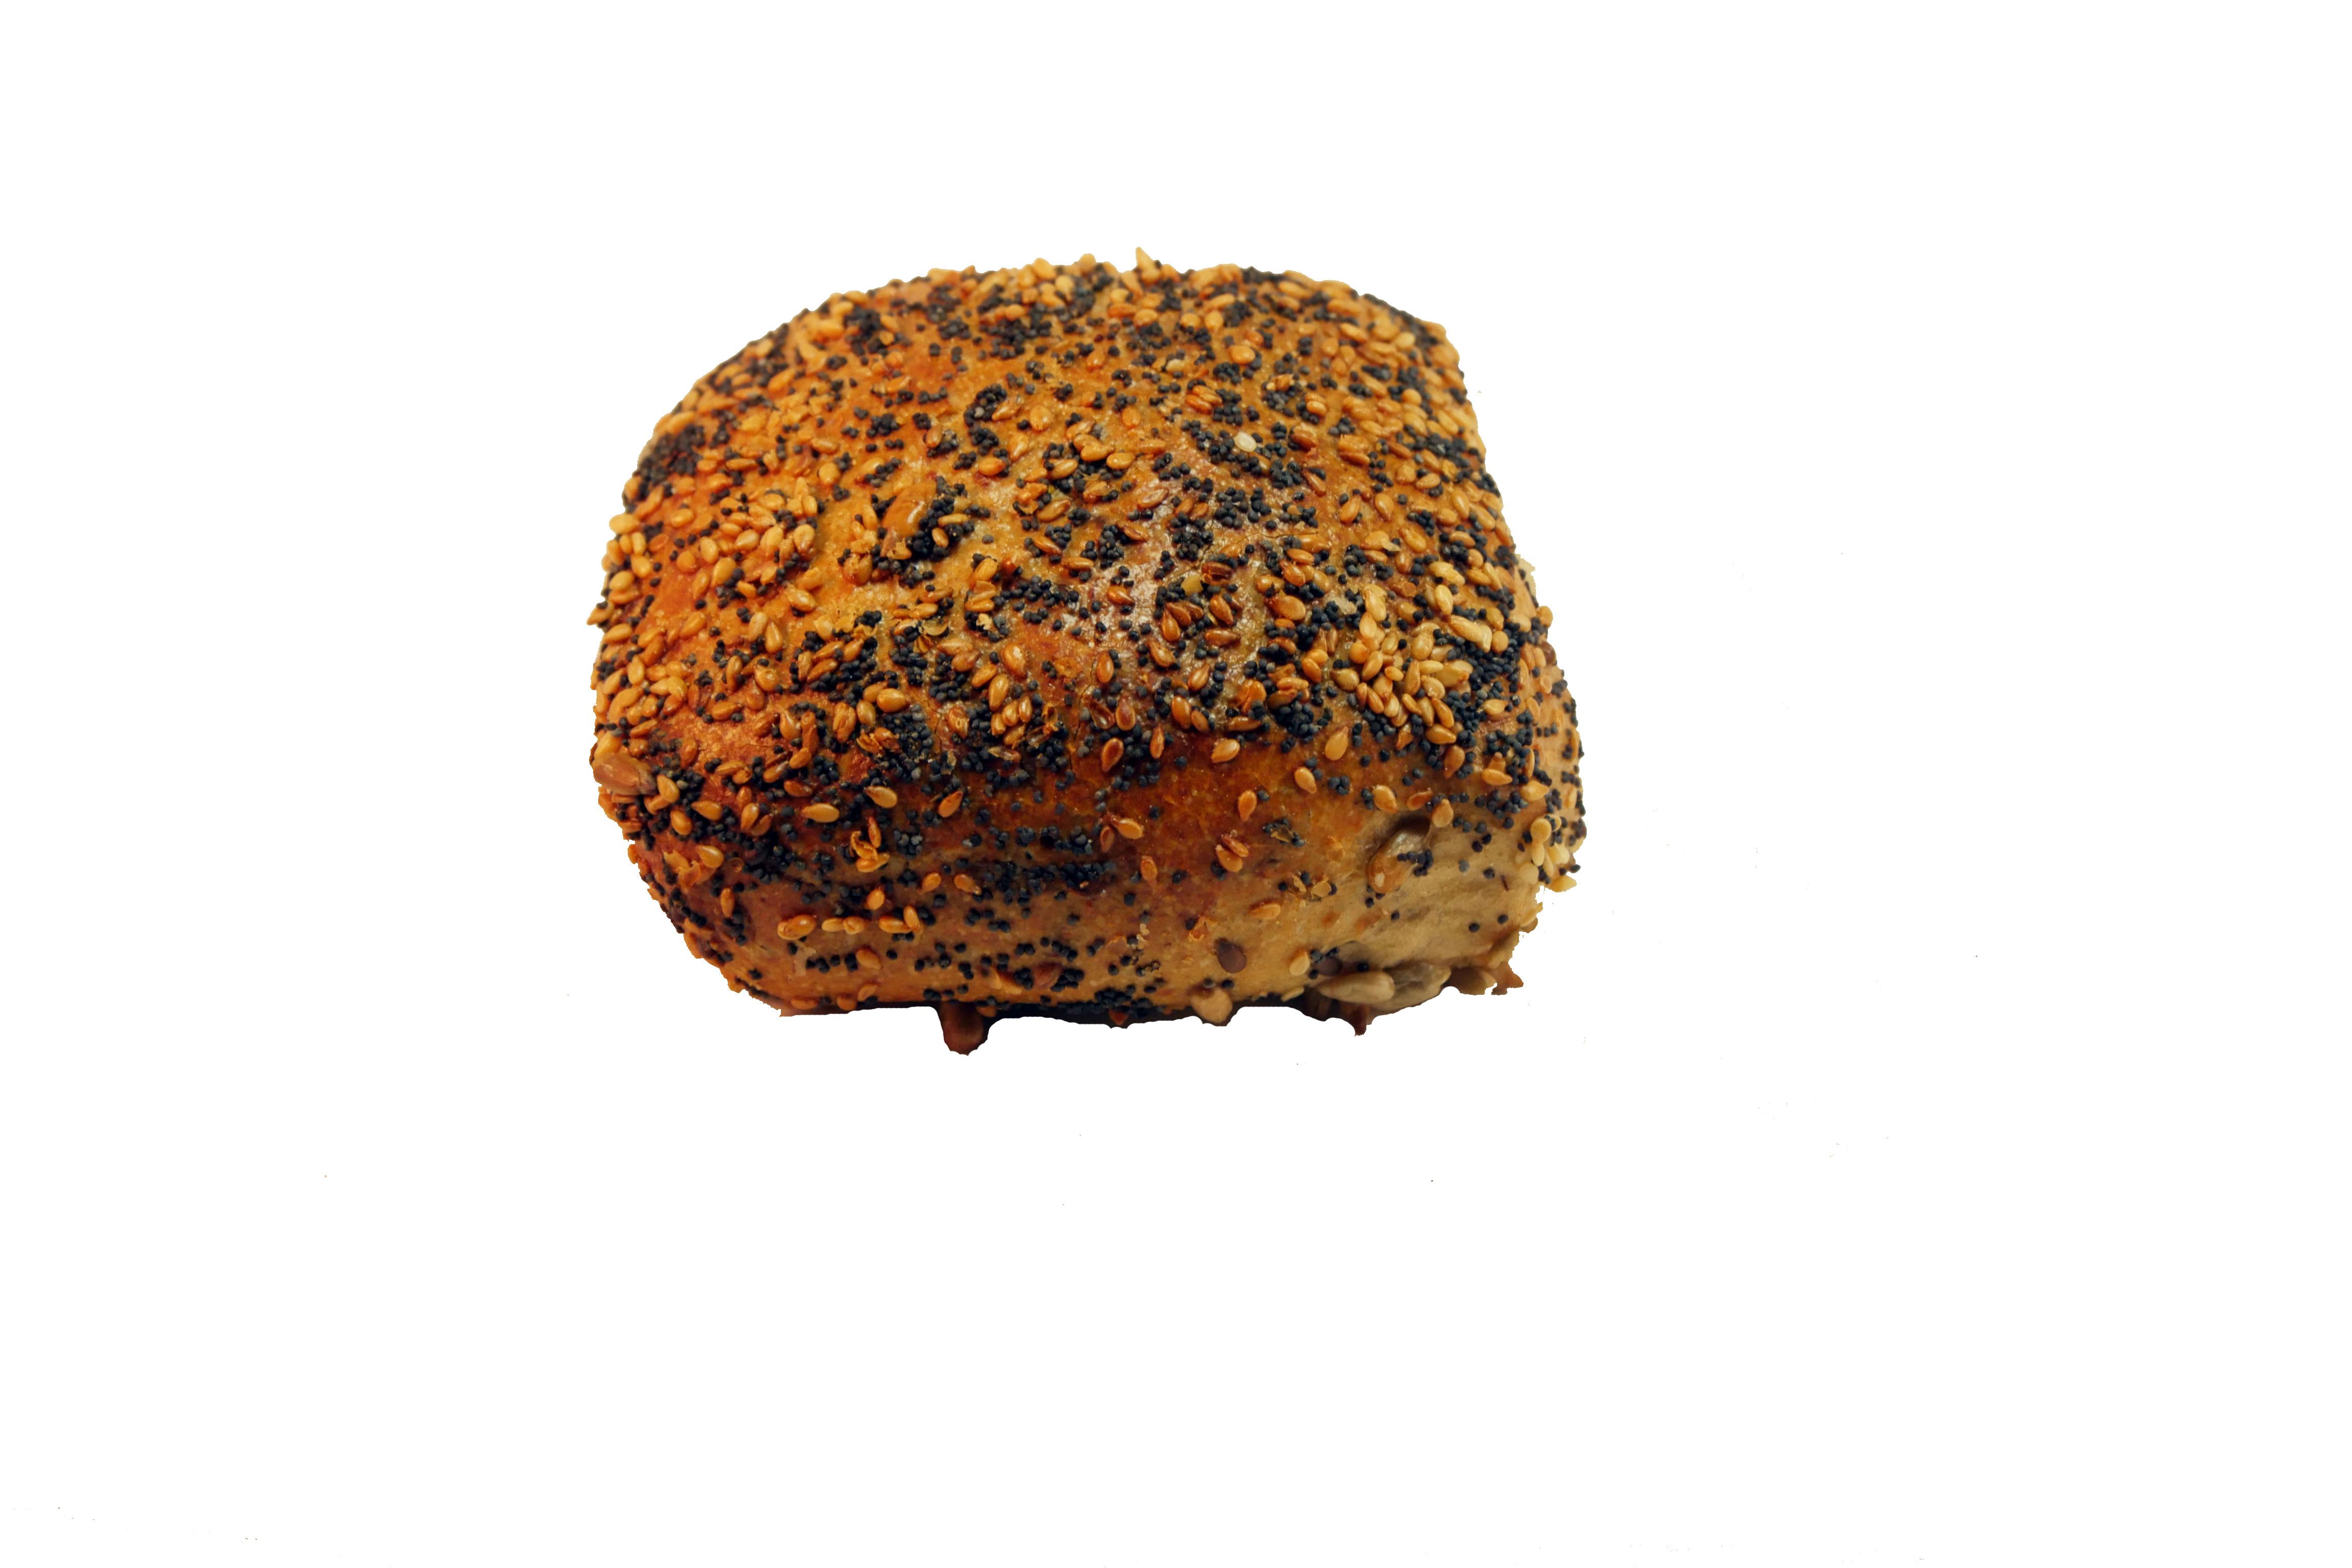 Tiroler-Körnerbrötchen